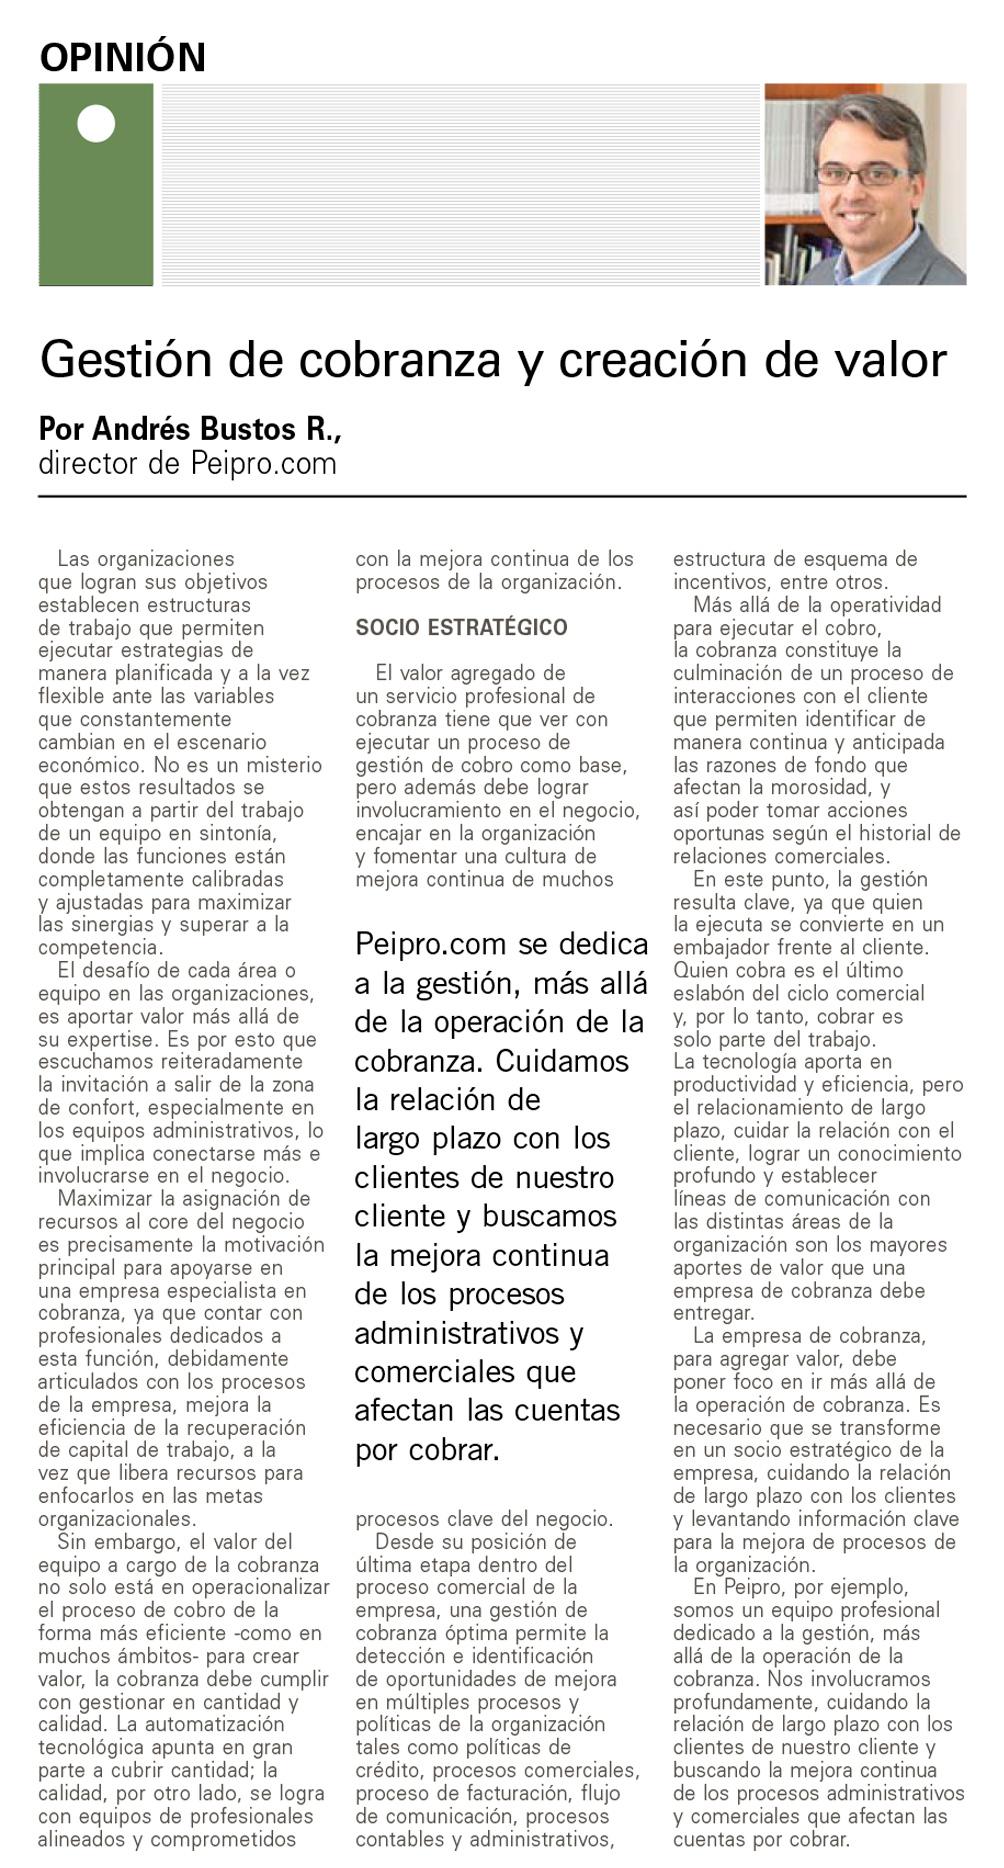 Artículo El Mercurio Andrés Bustos